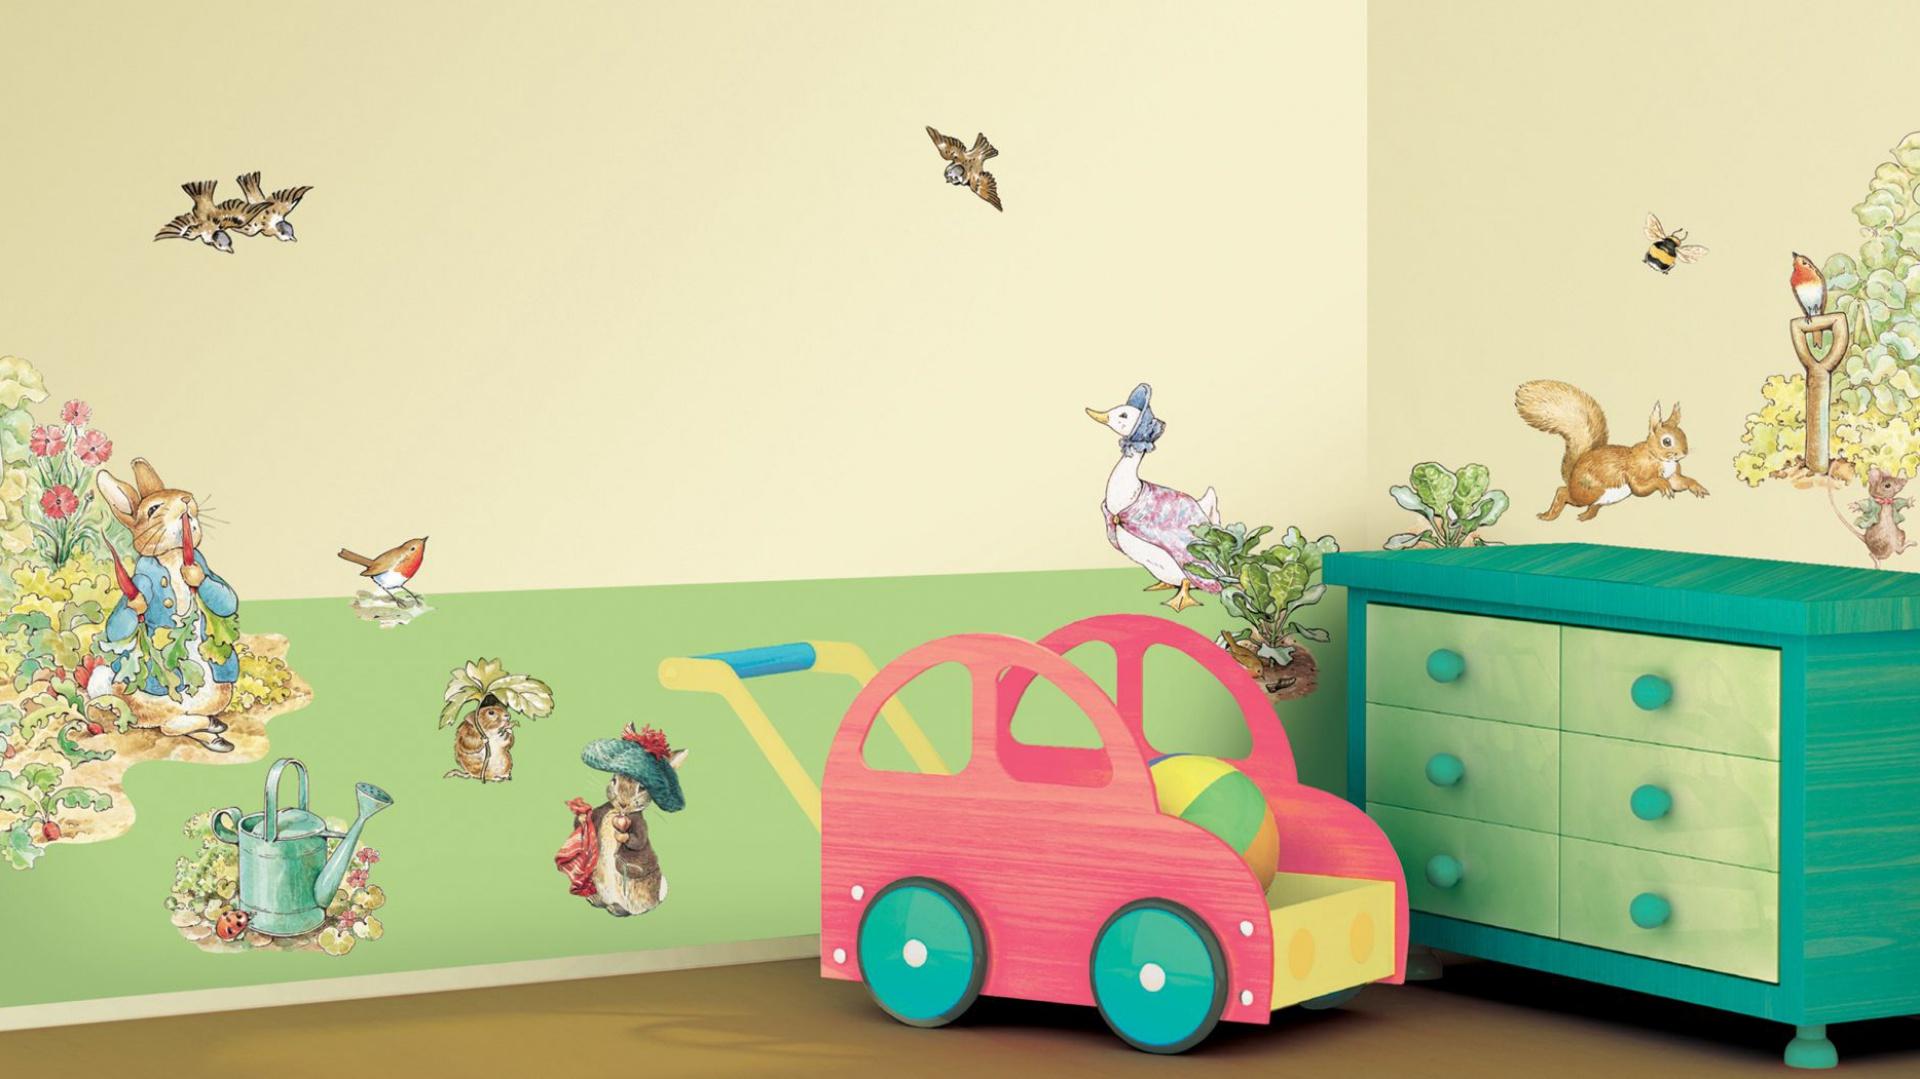 Naklejki ścienne W Pokoju Dziecka Szybki Sposób Na Dekorację ścian